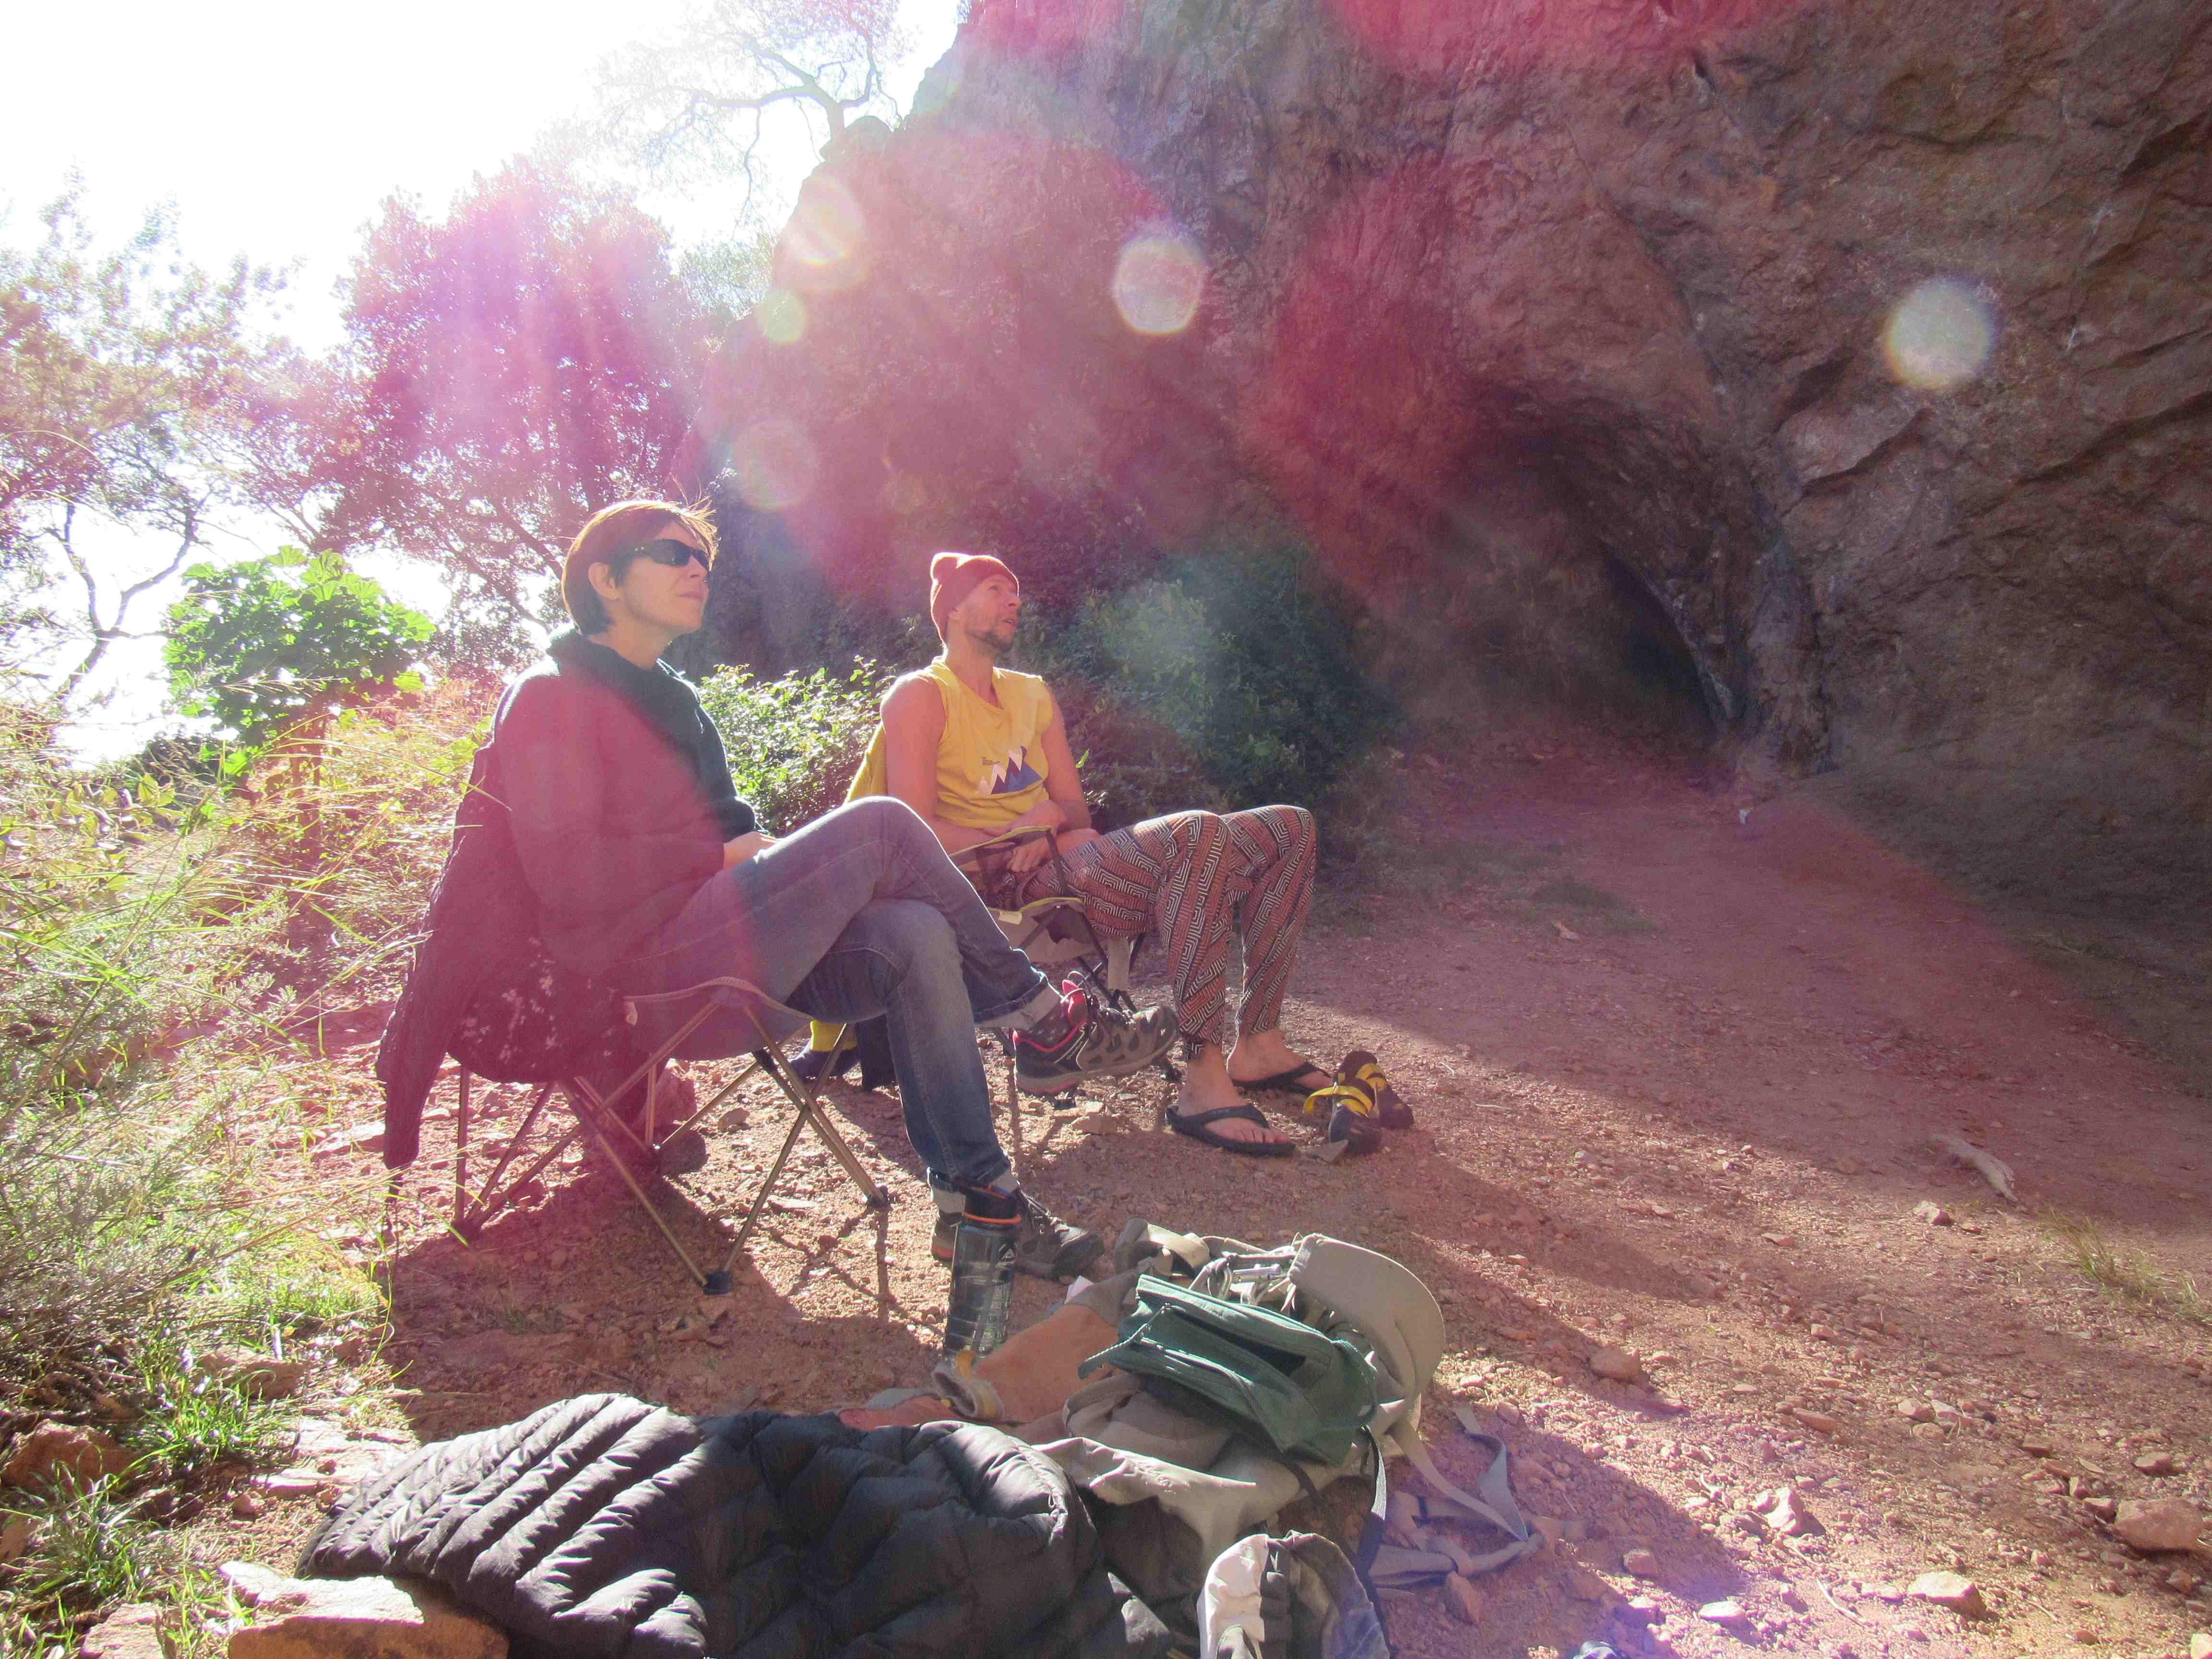 3 jours dans l'esterel : Escalade au dramont, rando à roquebrune et grande voie au rocher saint barthelemy (jour1)